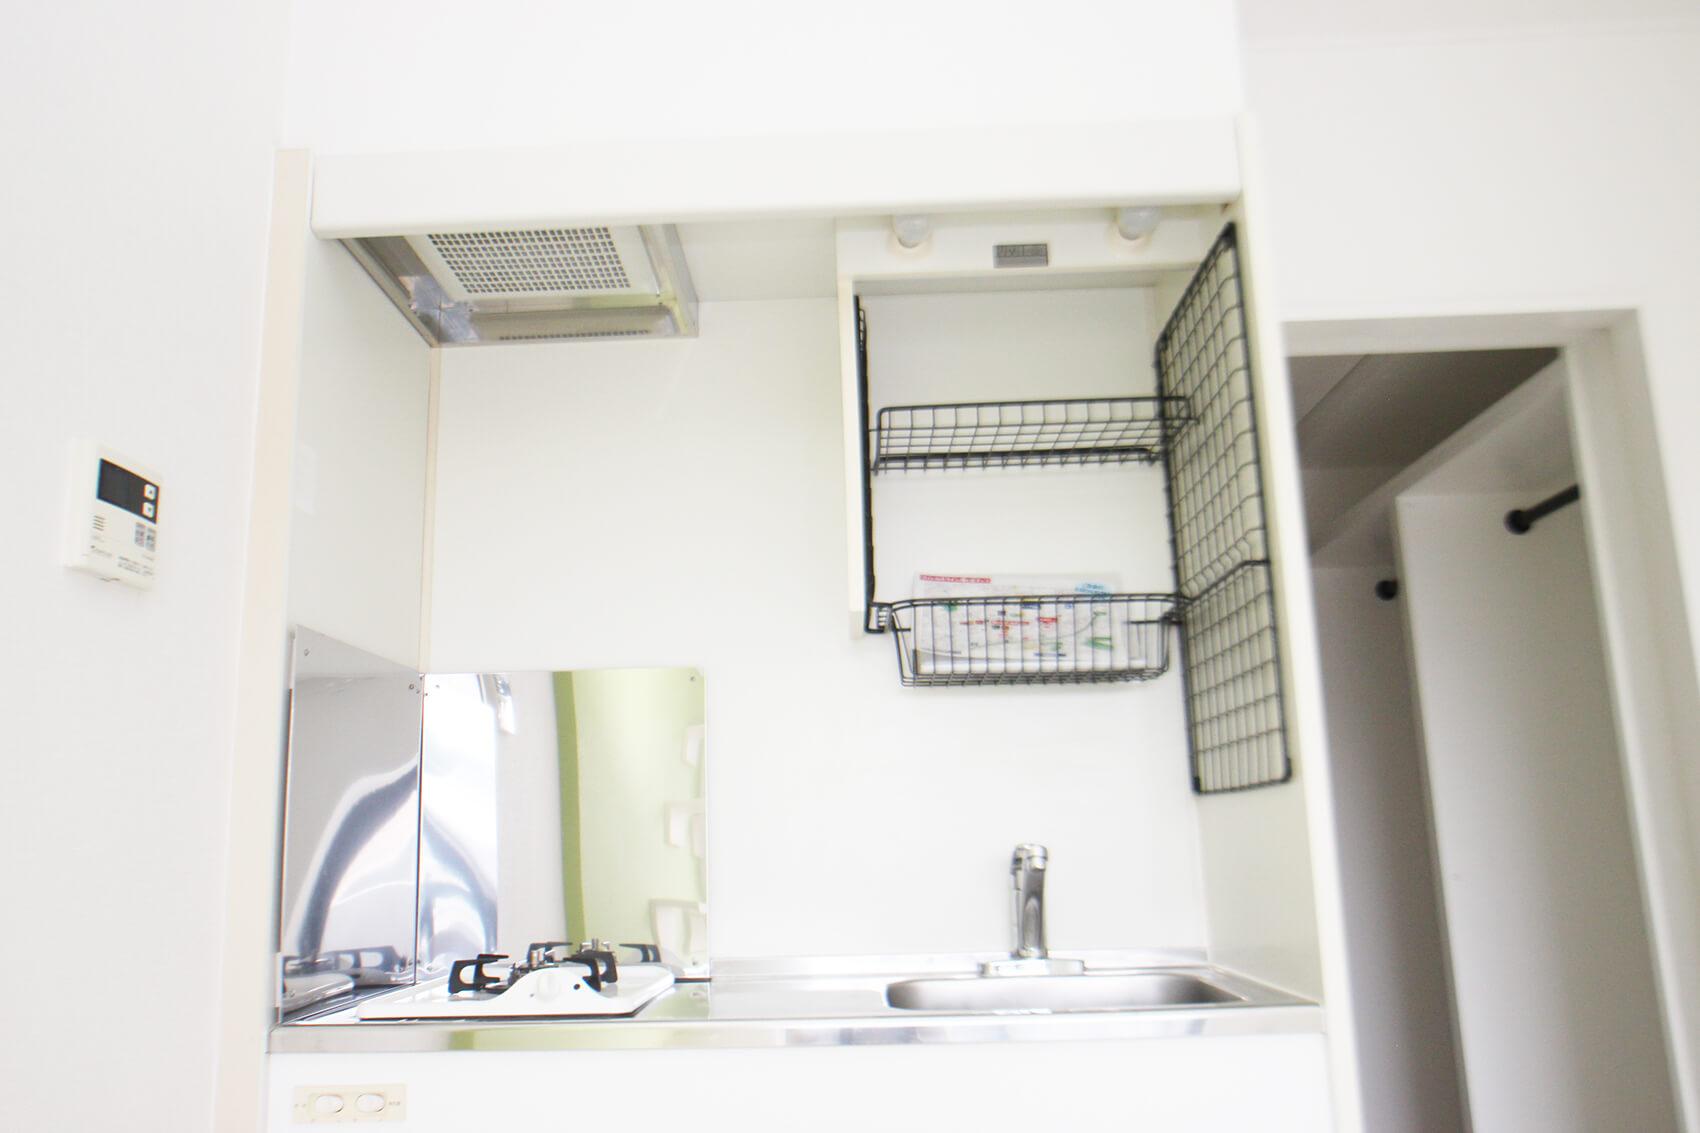 303号室のキッチンです。キッチンの仕様は他の部屋も同じです。